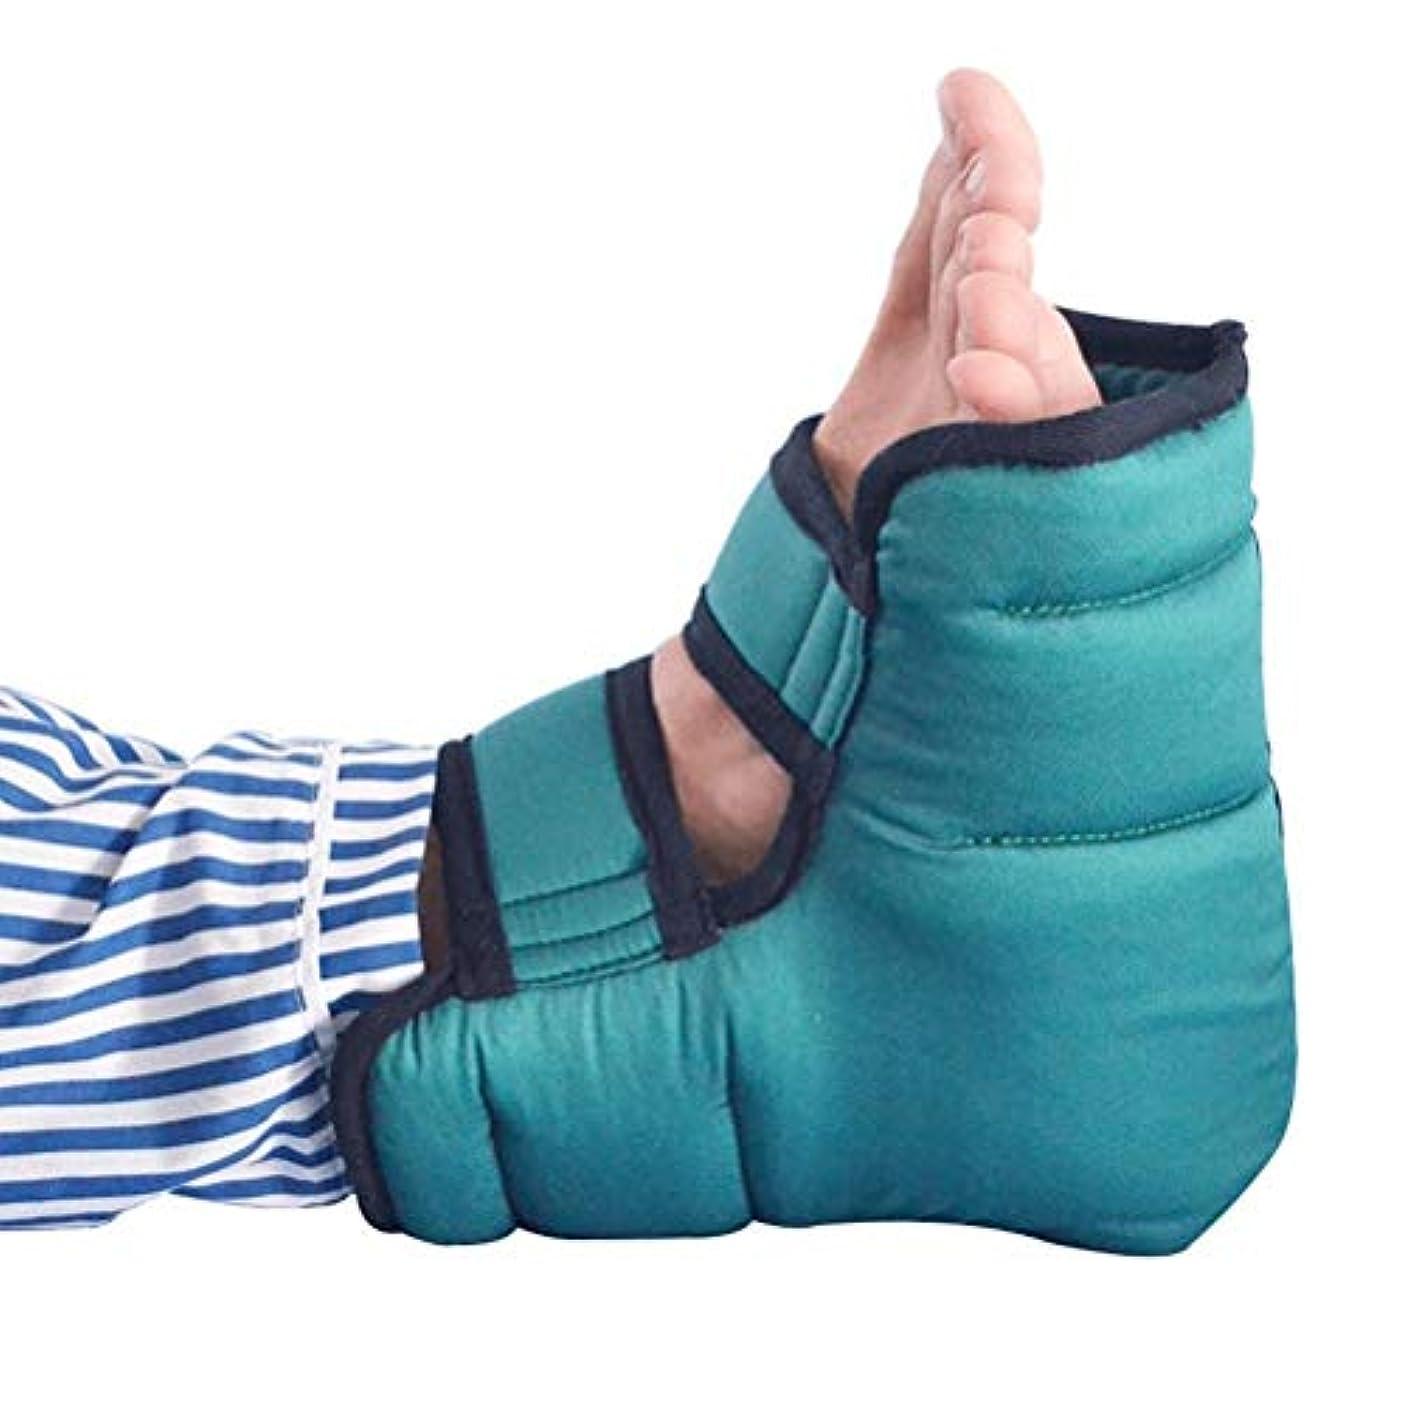 解釈的方法慢性的Bed瘡防止綿通気性ヒールクッション、圧力緩和ヒールプロテクター、通気性ヒールプロテクター枕、青、1ペア、24×23 cm